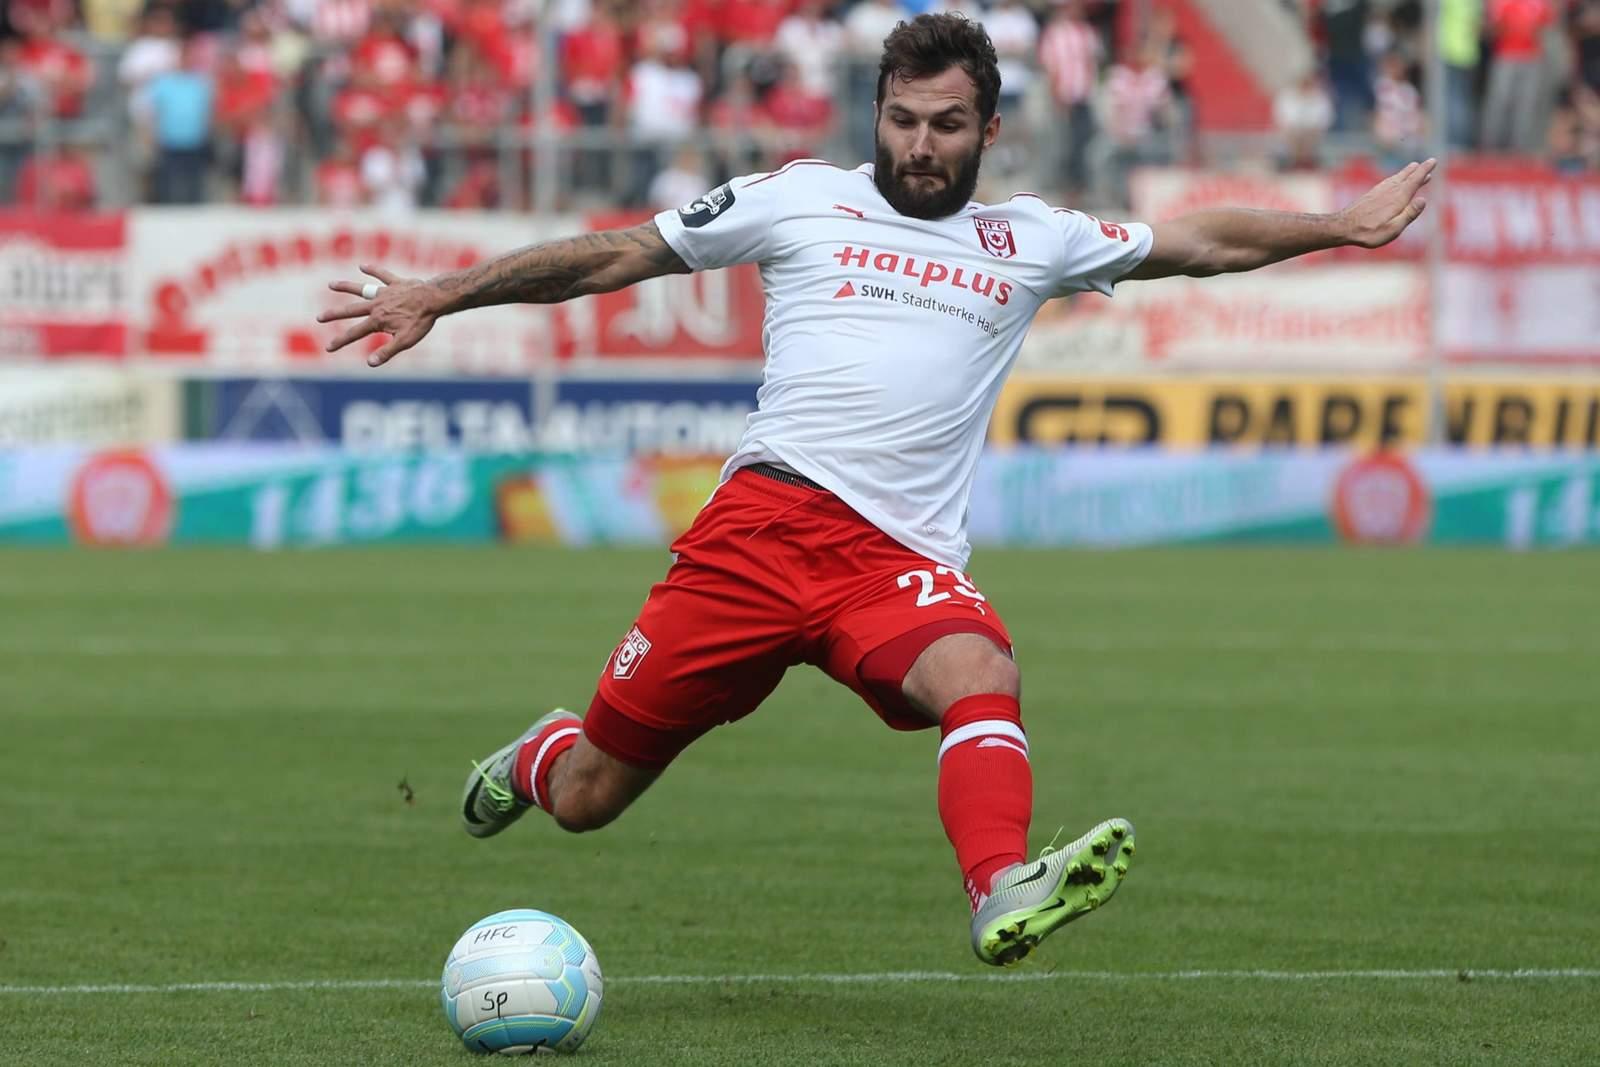 Sascha Pfeffer schießt im Trikot des Halleschen FC. Jetzt kickt er für Lok Leipzig